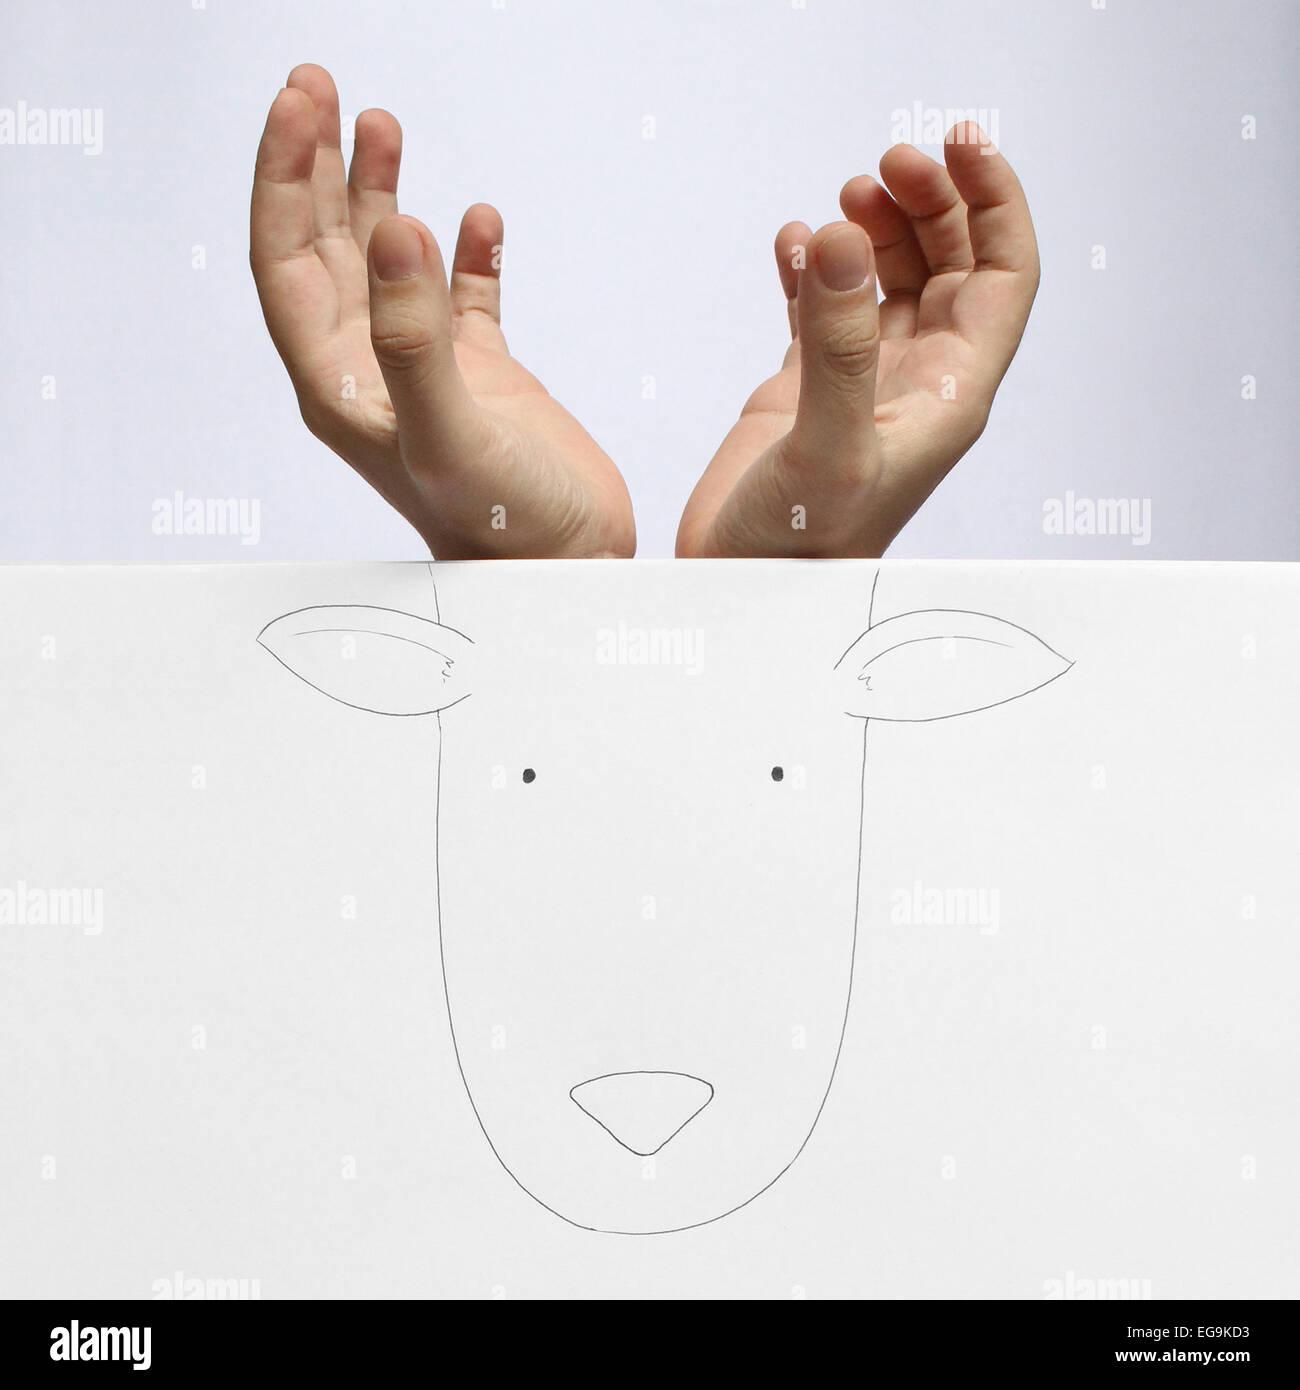 Immagine concettuale di cervo Immagini Stock